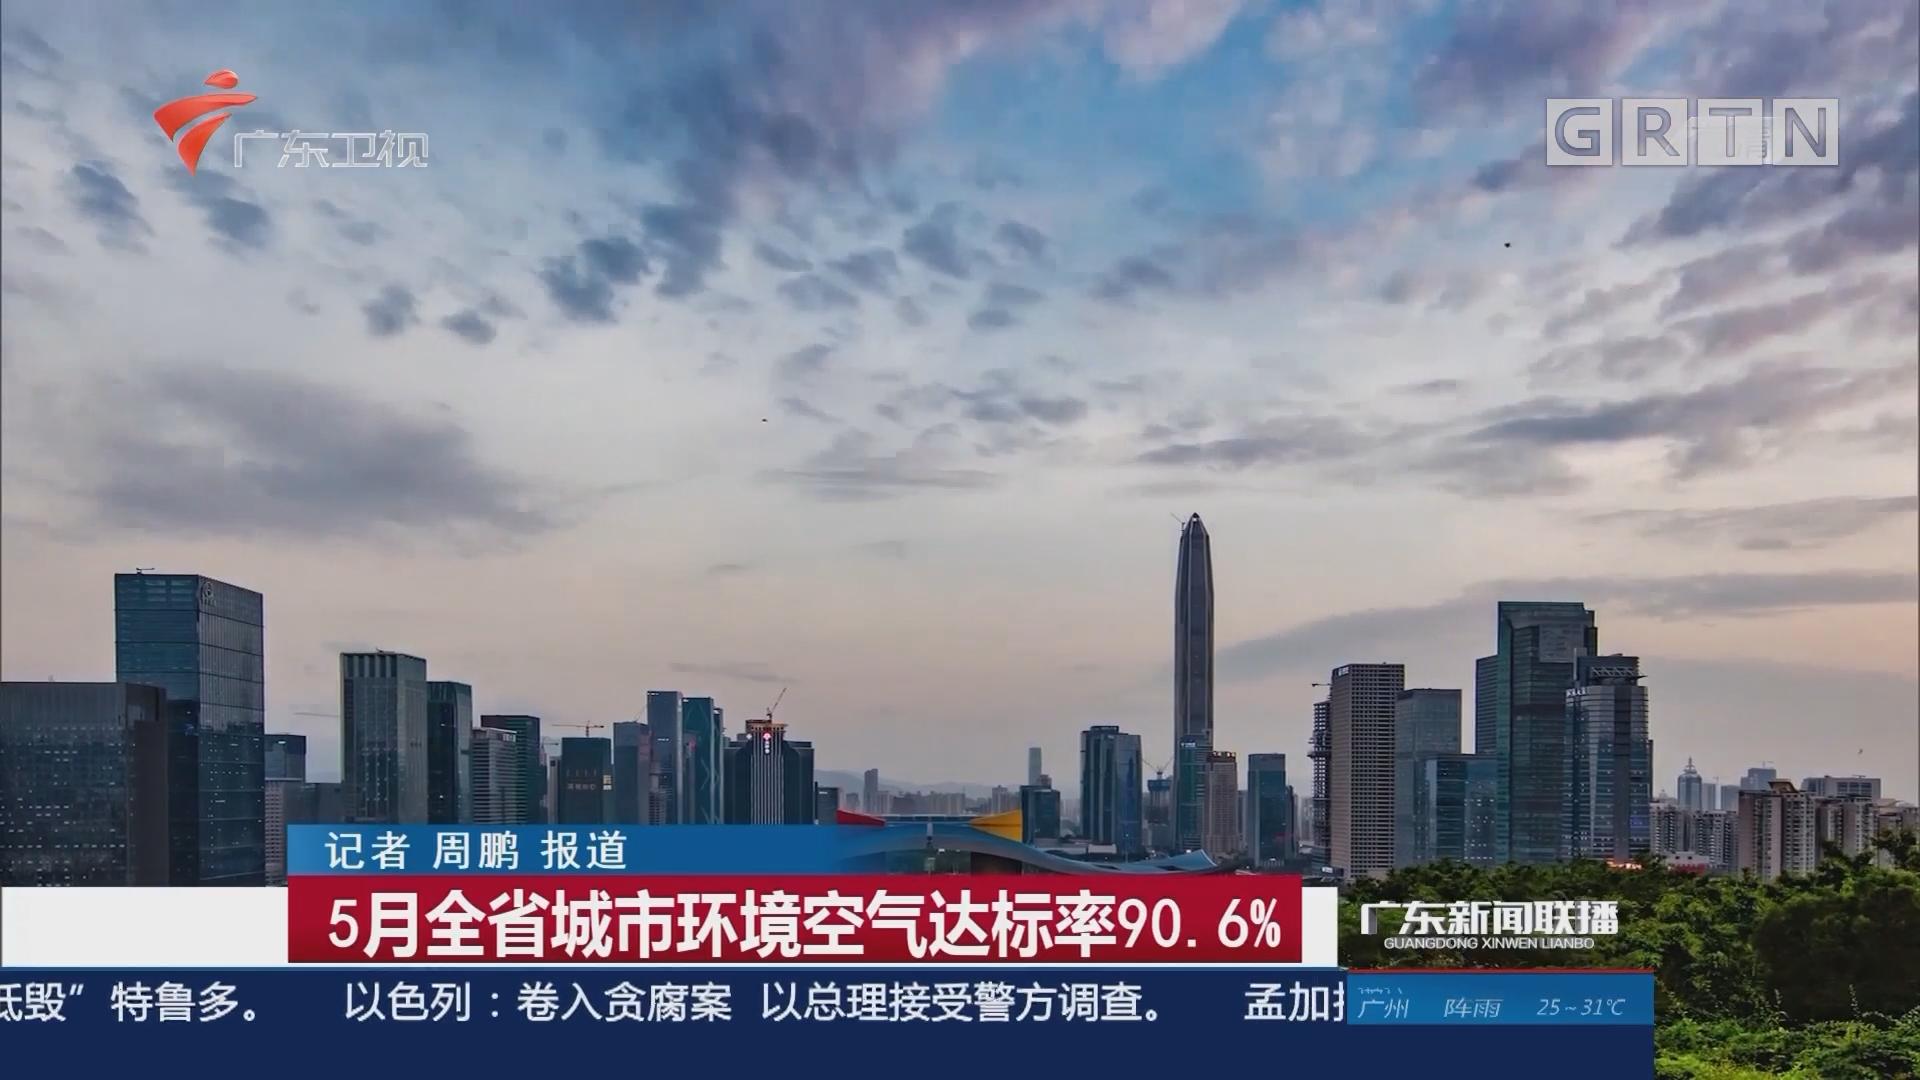 5月全省城市环境空气达标率90.6%